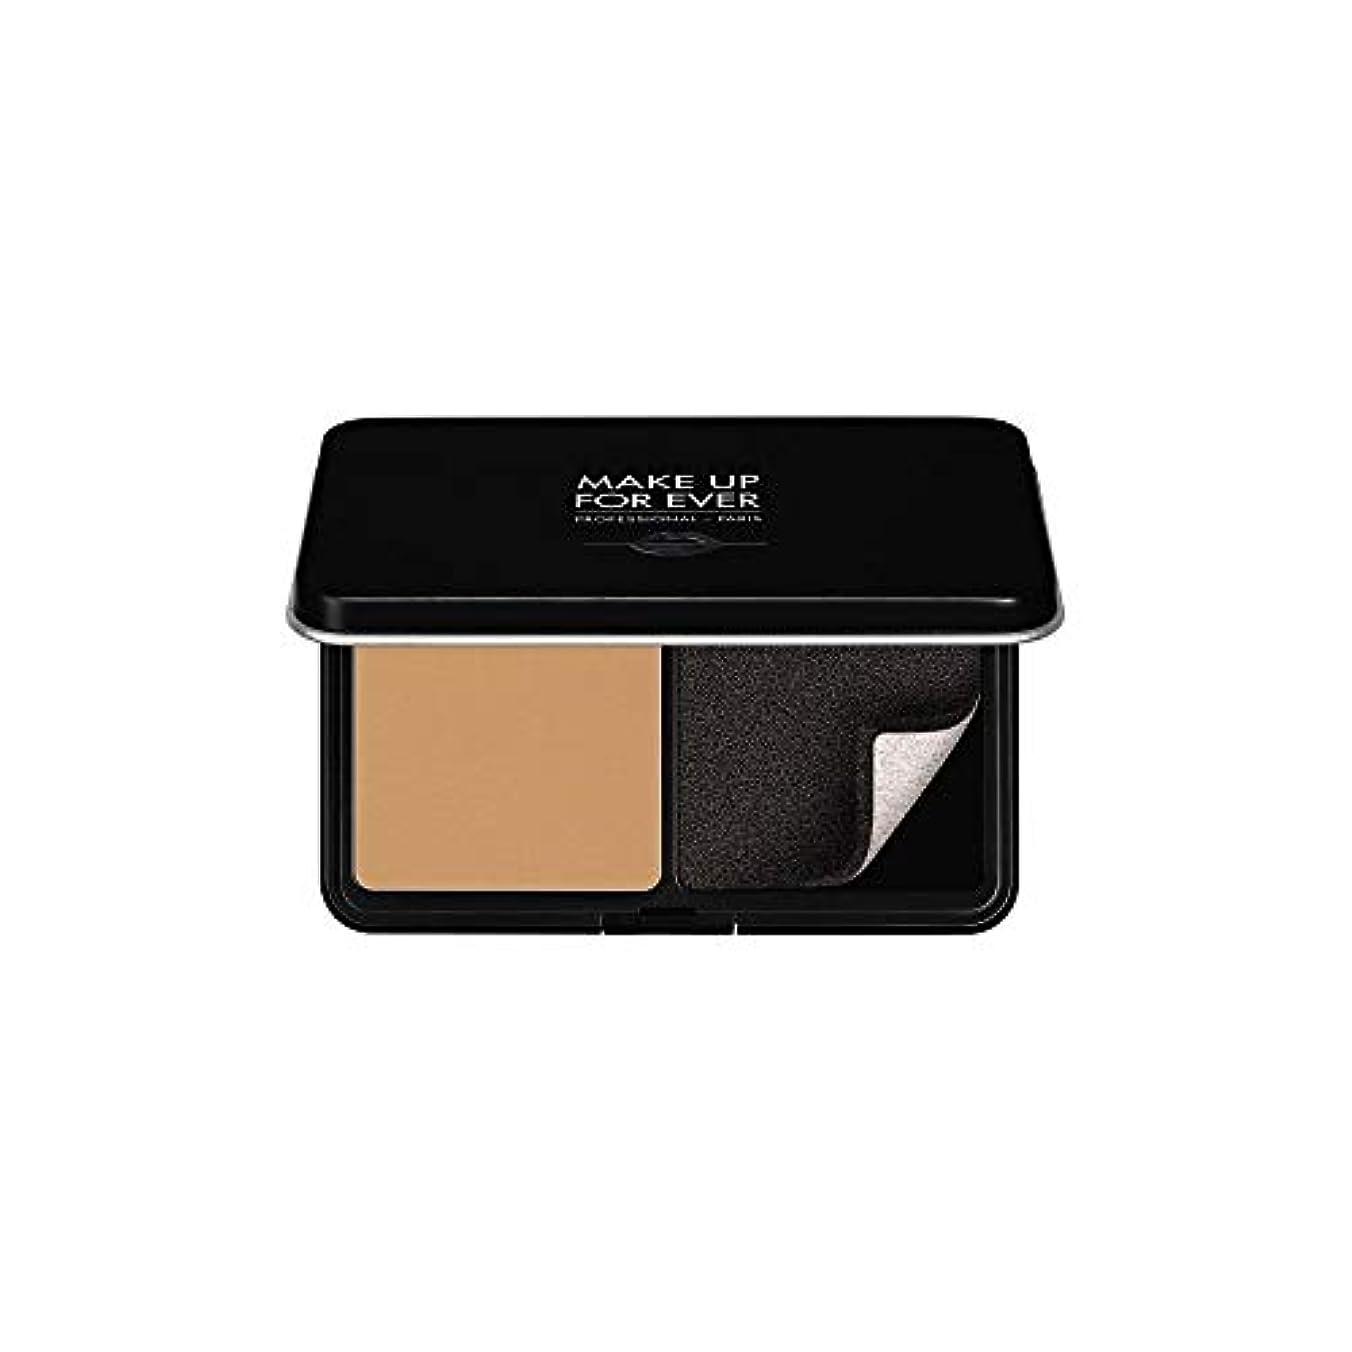 キリスト教ねじれ食料品店メイクアップフォーエバー Matte Velvet Skin Blurring Powder Foundation - # Y365 (Desert) 11g/0.38oz並行輸入品